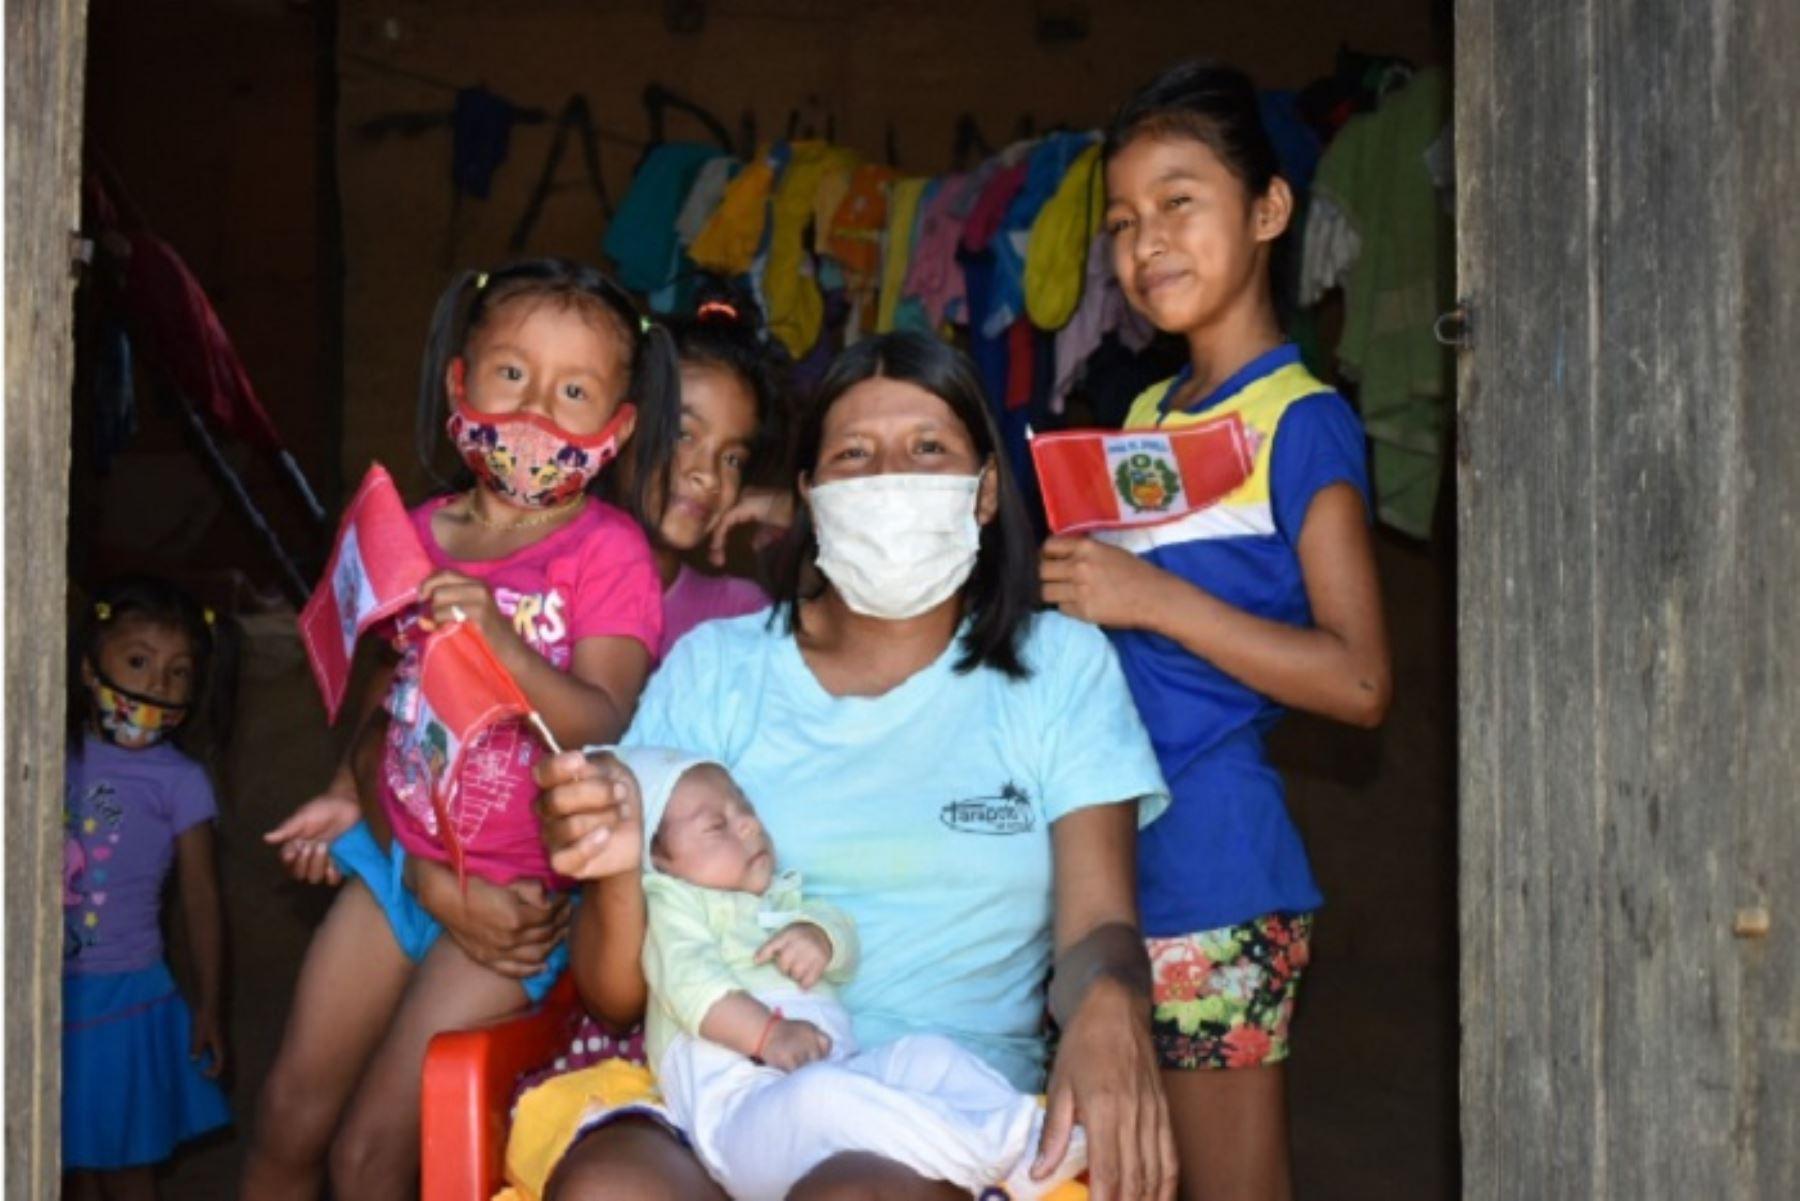 El programa Juntos entrega un incentivo monetario a las familias usuarias siempre y cuando cumplan con el compromiso de enviar a sus hijos al colegio y llevarlos a los centros de salud